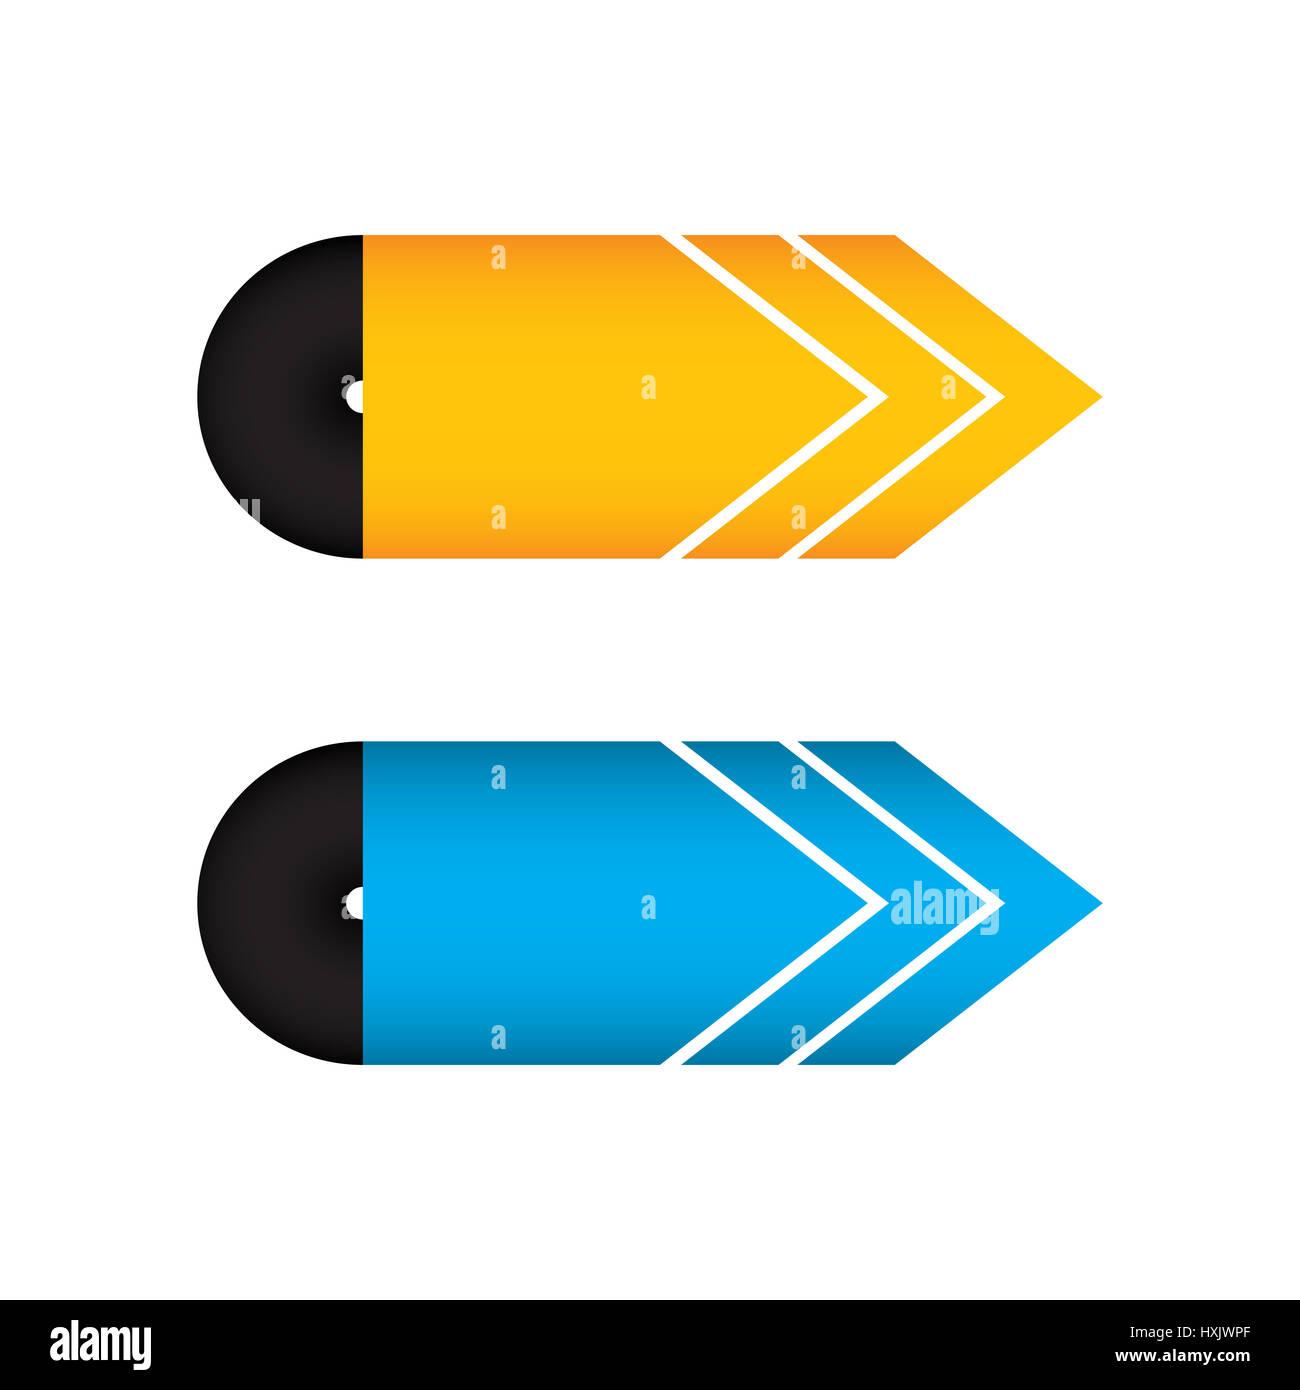 Flecha amarilla y azul especial diseño, ilustración vectorial EPS10 Imagen De Stock